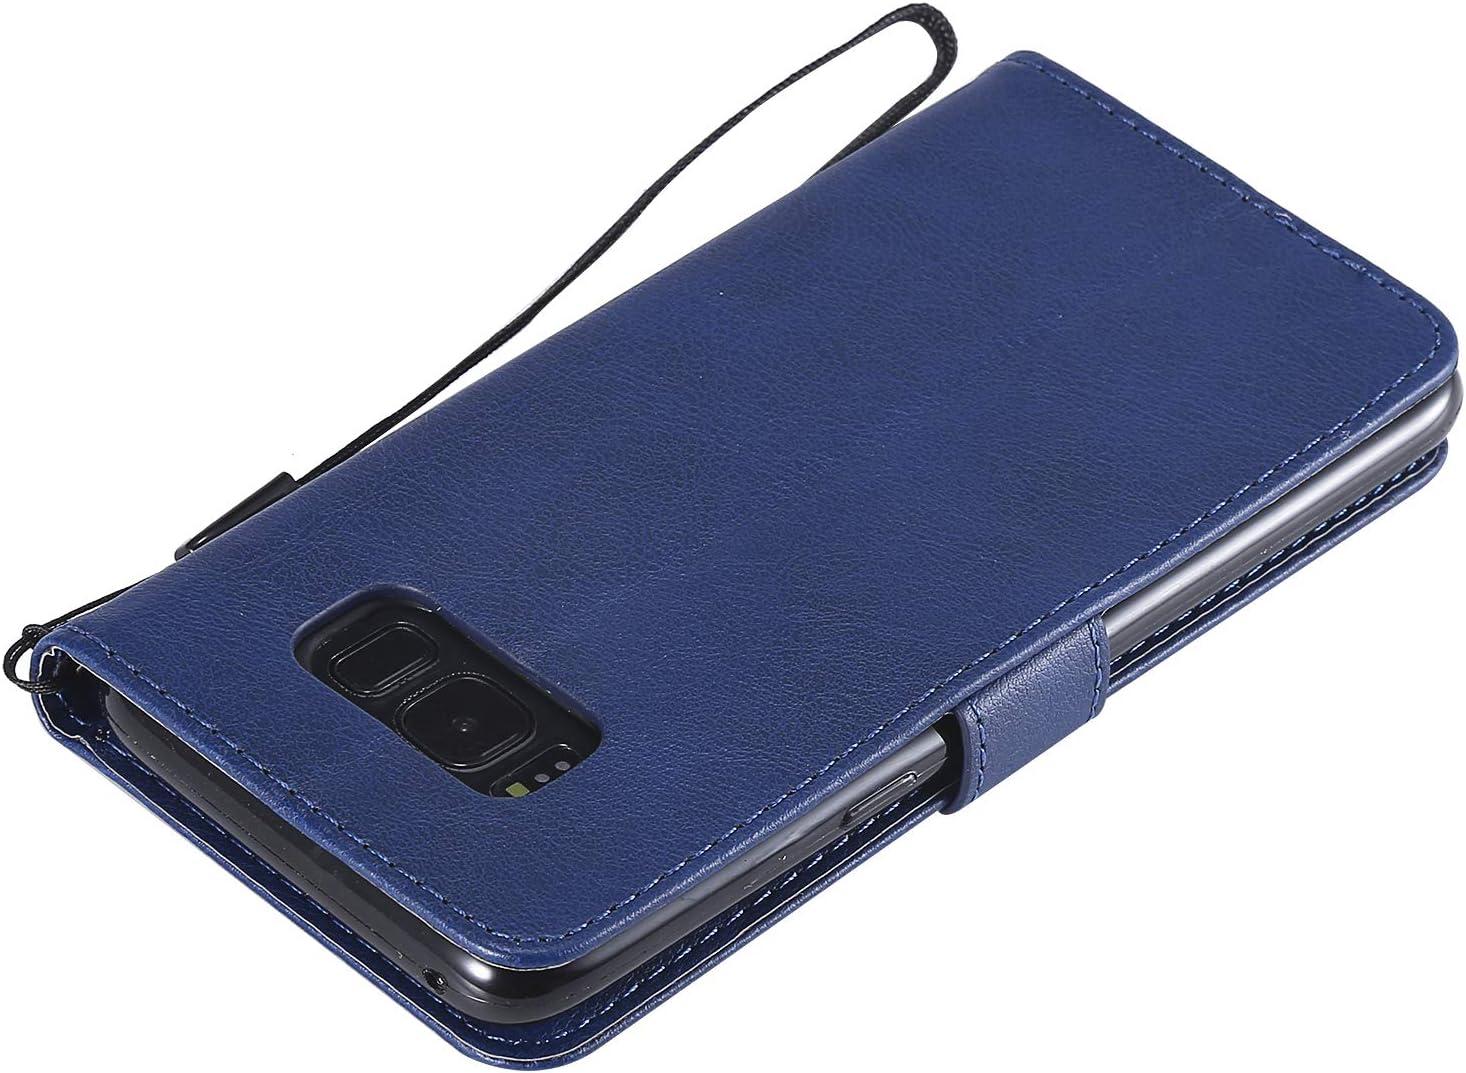 Lomogo Coque Samsung Galaxy S8 Housse en Cuir Portefeuille avec Porte Carte Fermeture par Rabat Aimant/é Anti Choc Etui de Protection pour Samsung Galaxy S8 LOKTU23064 Bleu